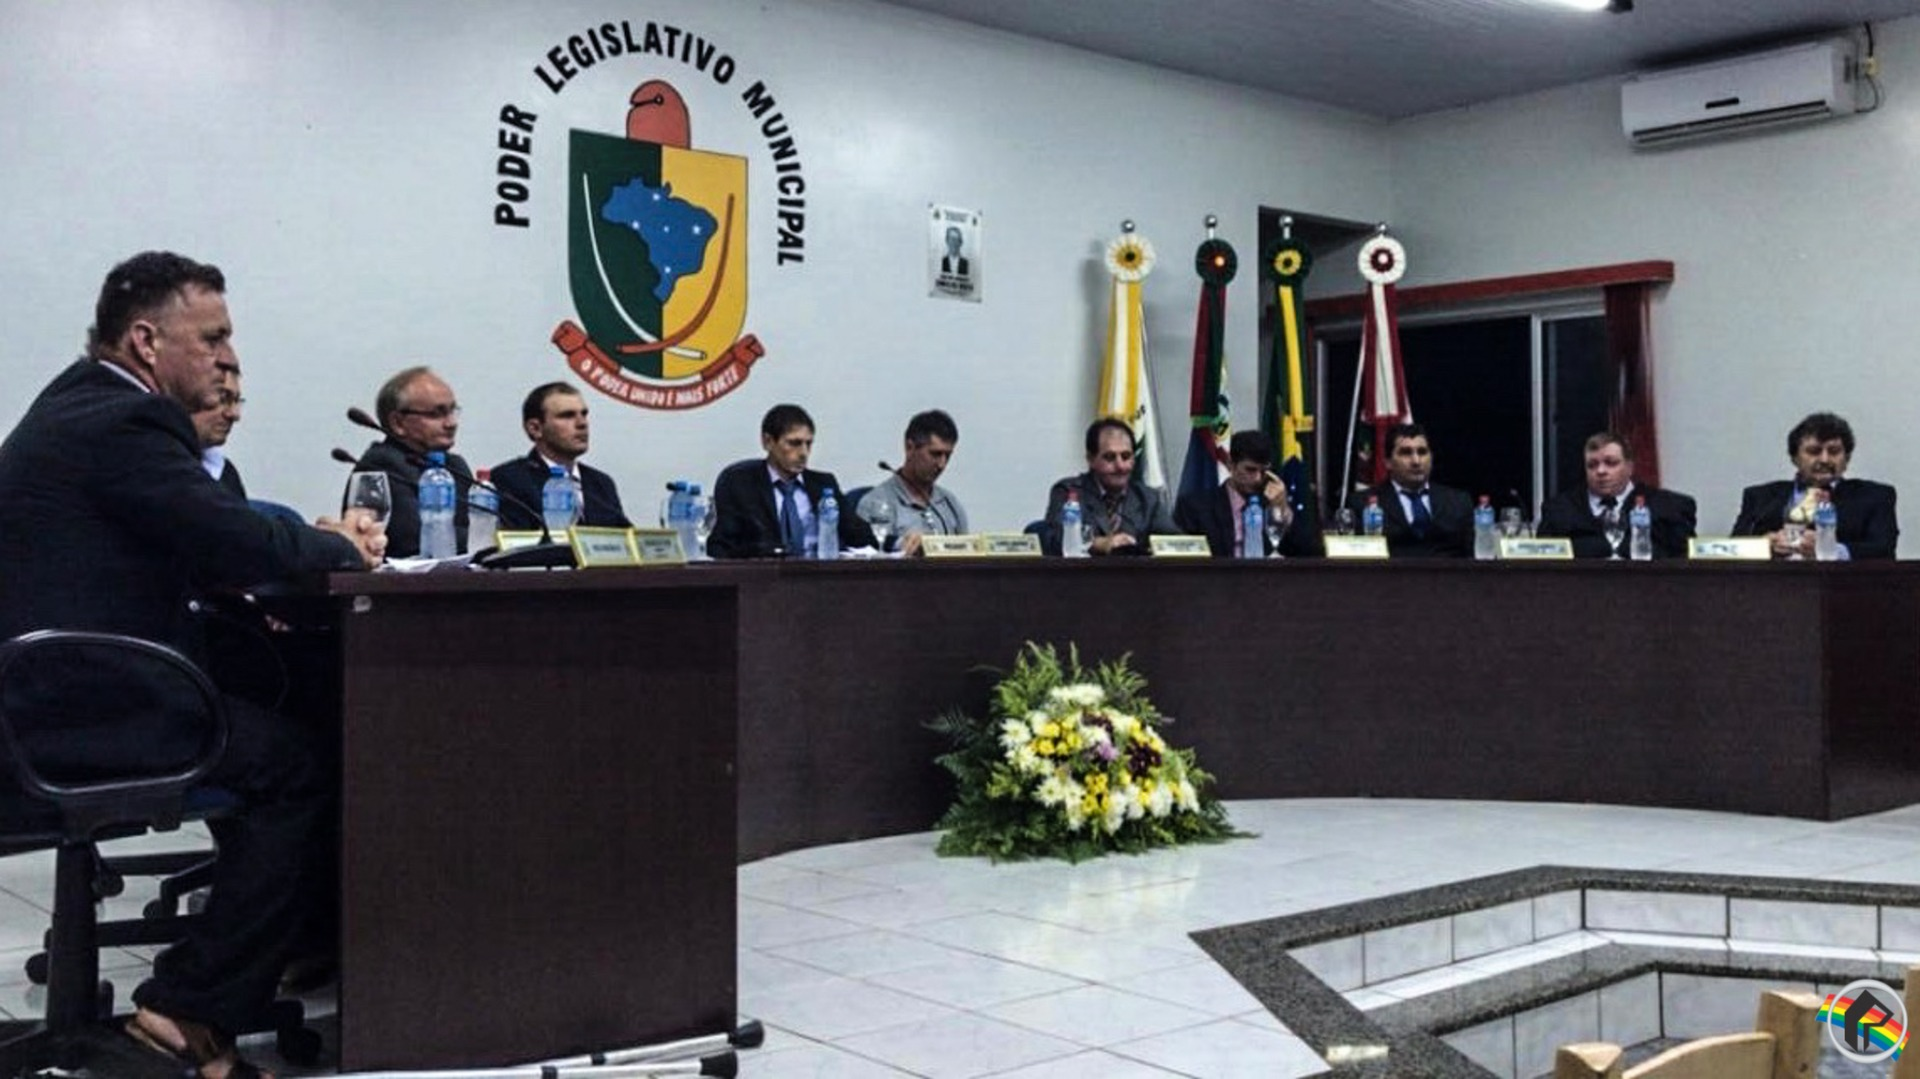 Câmara realiza sessão solene alusiva ao Dia Mundial da Saúde